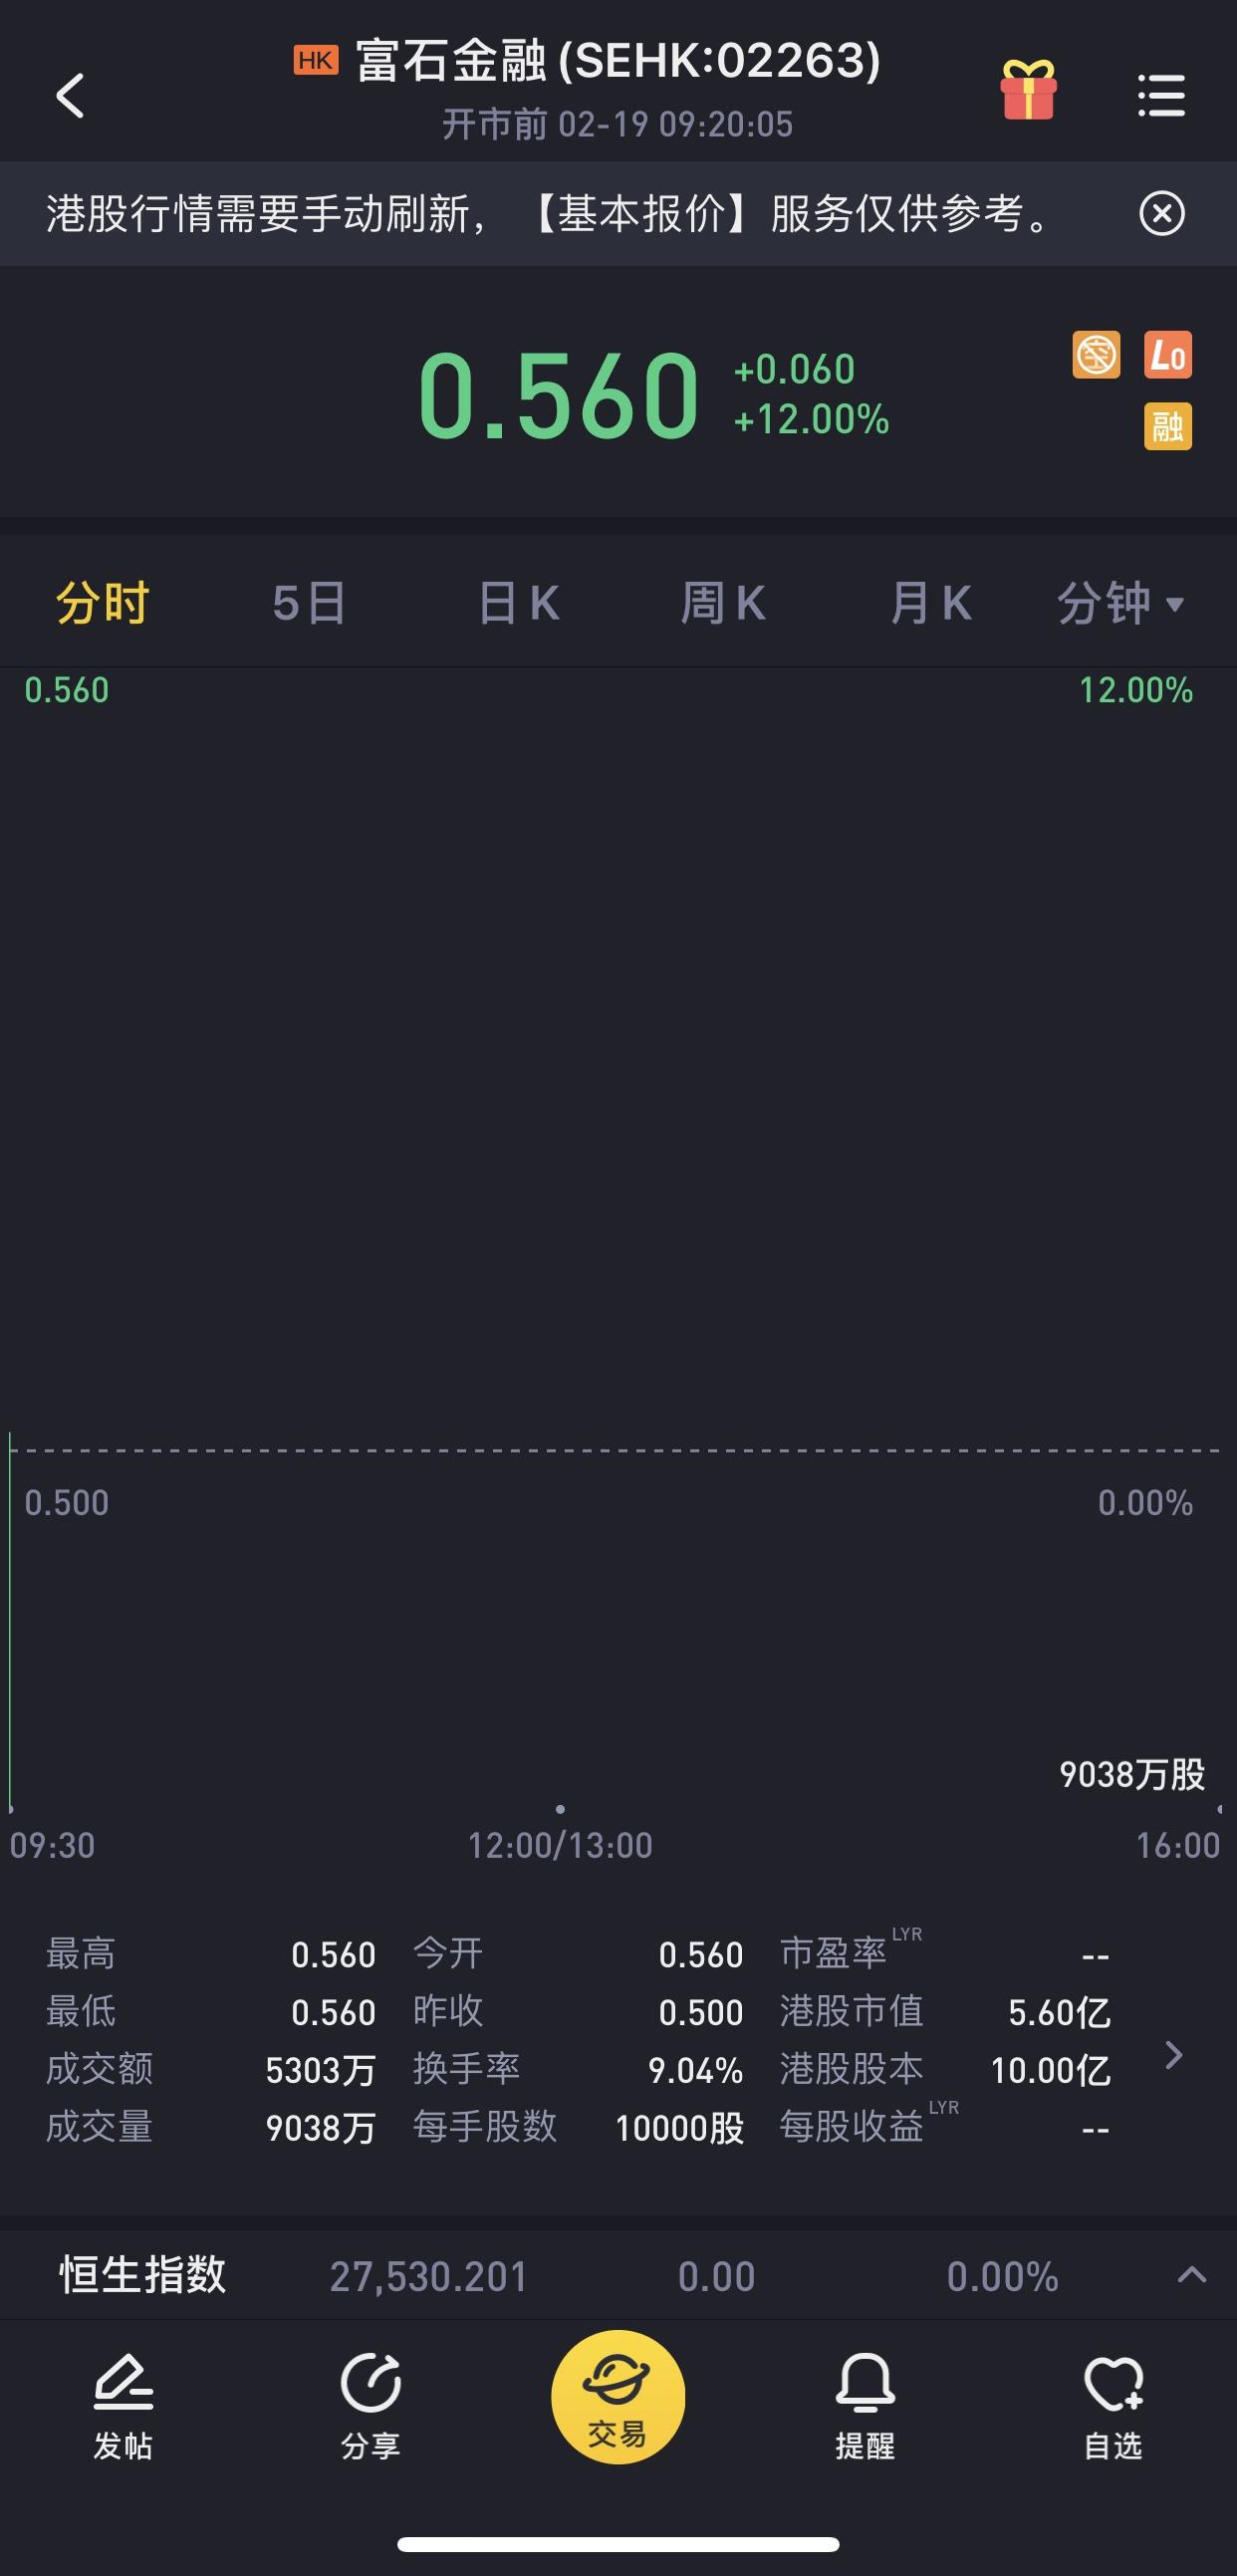 富石金融今日在港上市,首挂高开12%报0.56港元